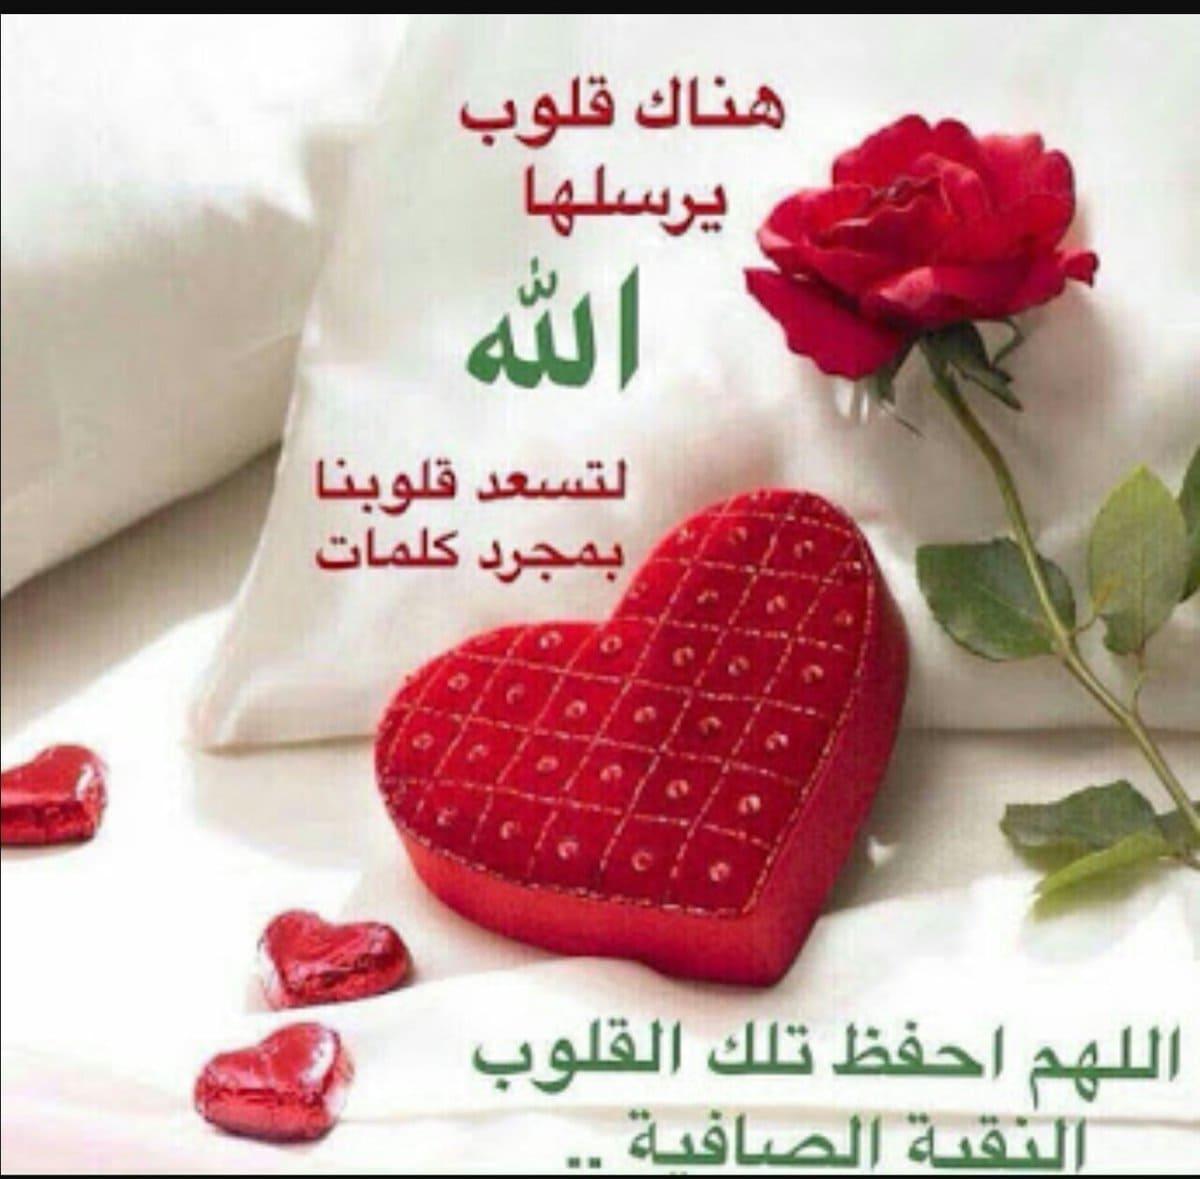 بالصور صور صباح الخير رومانسيه , اجمل بطاقات الصباح 3192 8